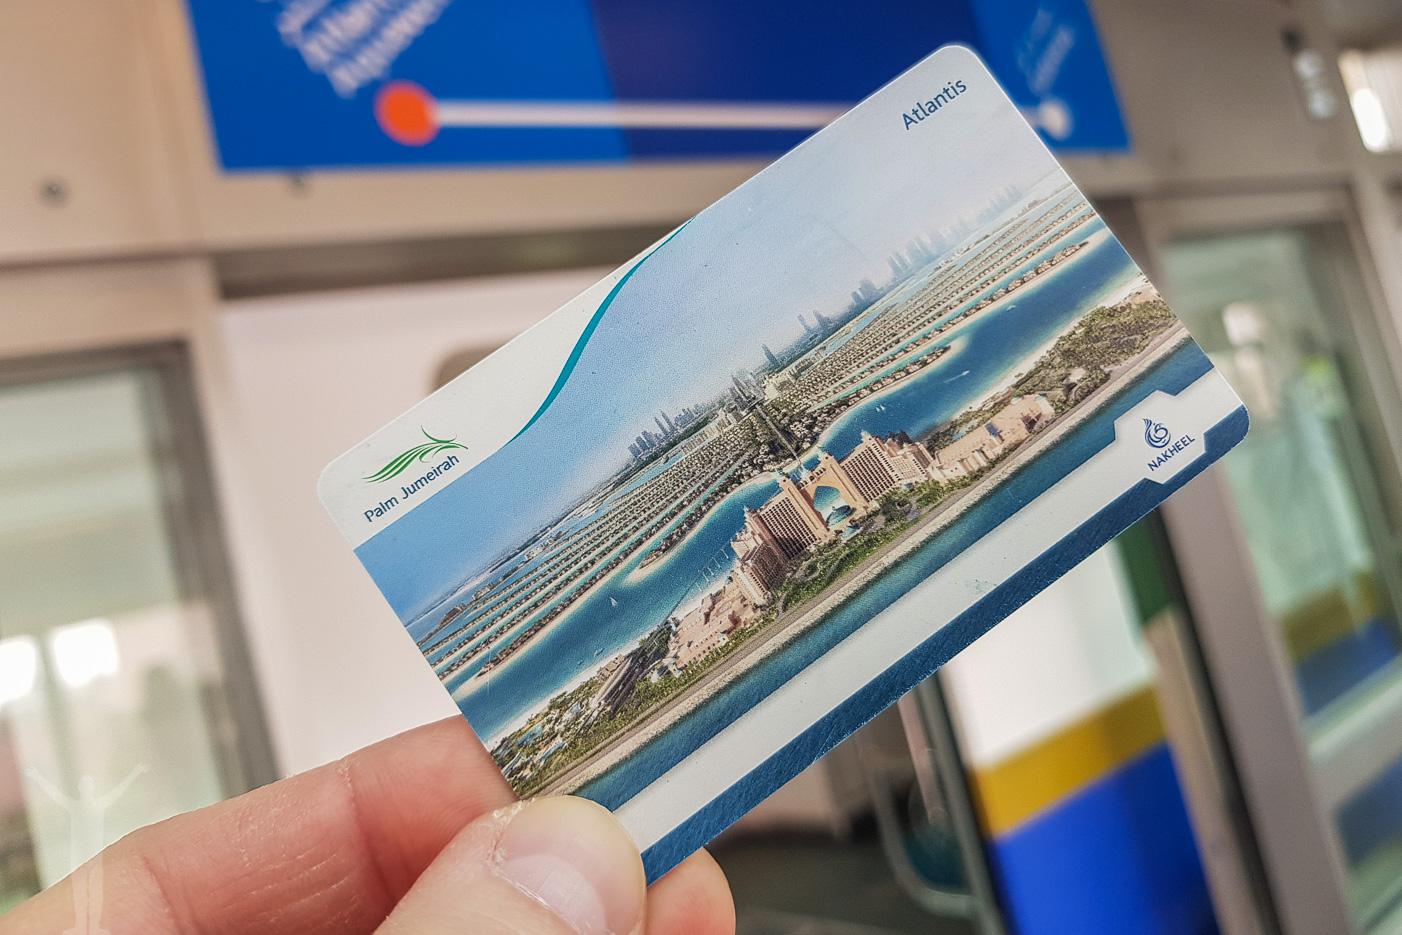 Monorail-kortet